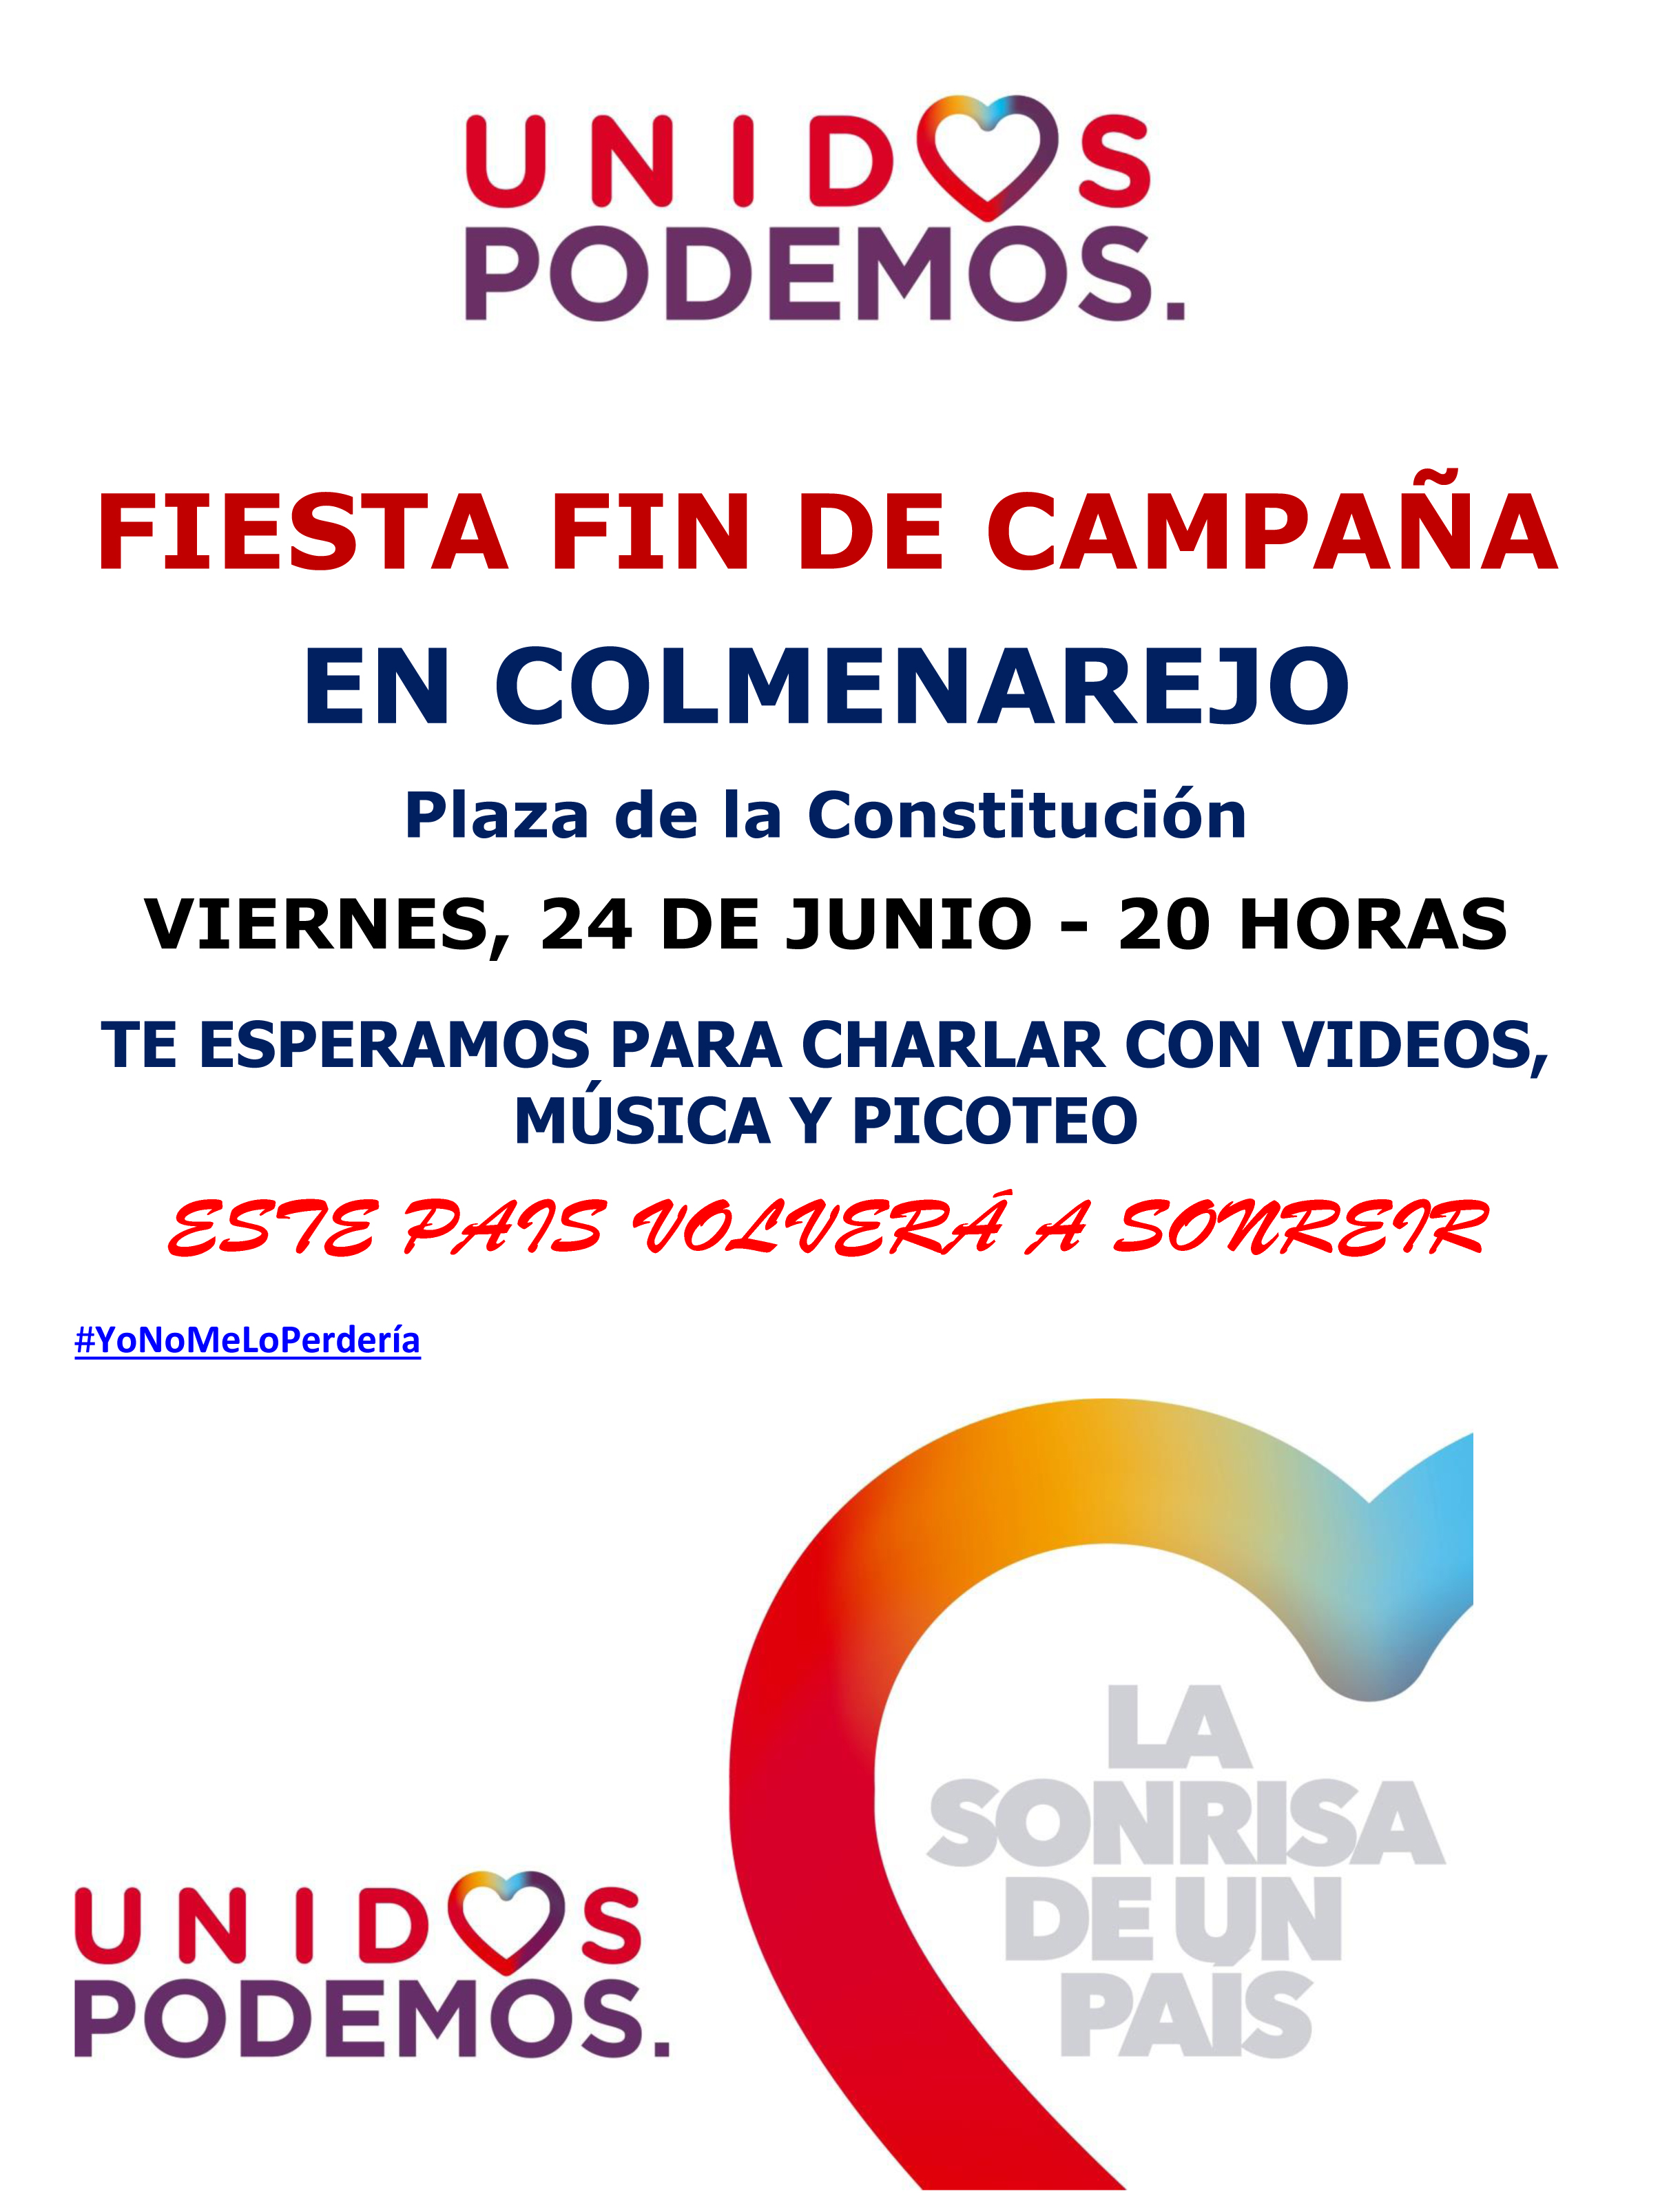 FIESTA FIN DE CAMPAÑA UP COLMENAREJO 24-06-2016 20 HORAS